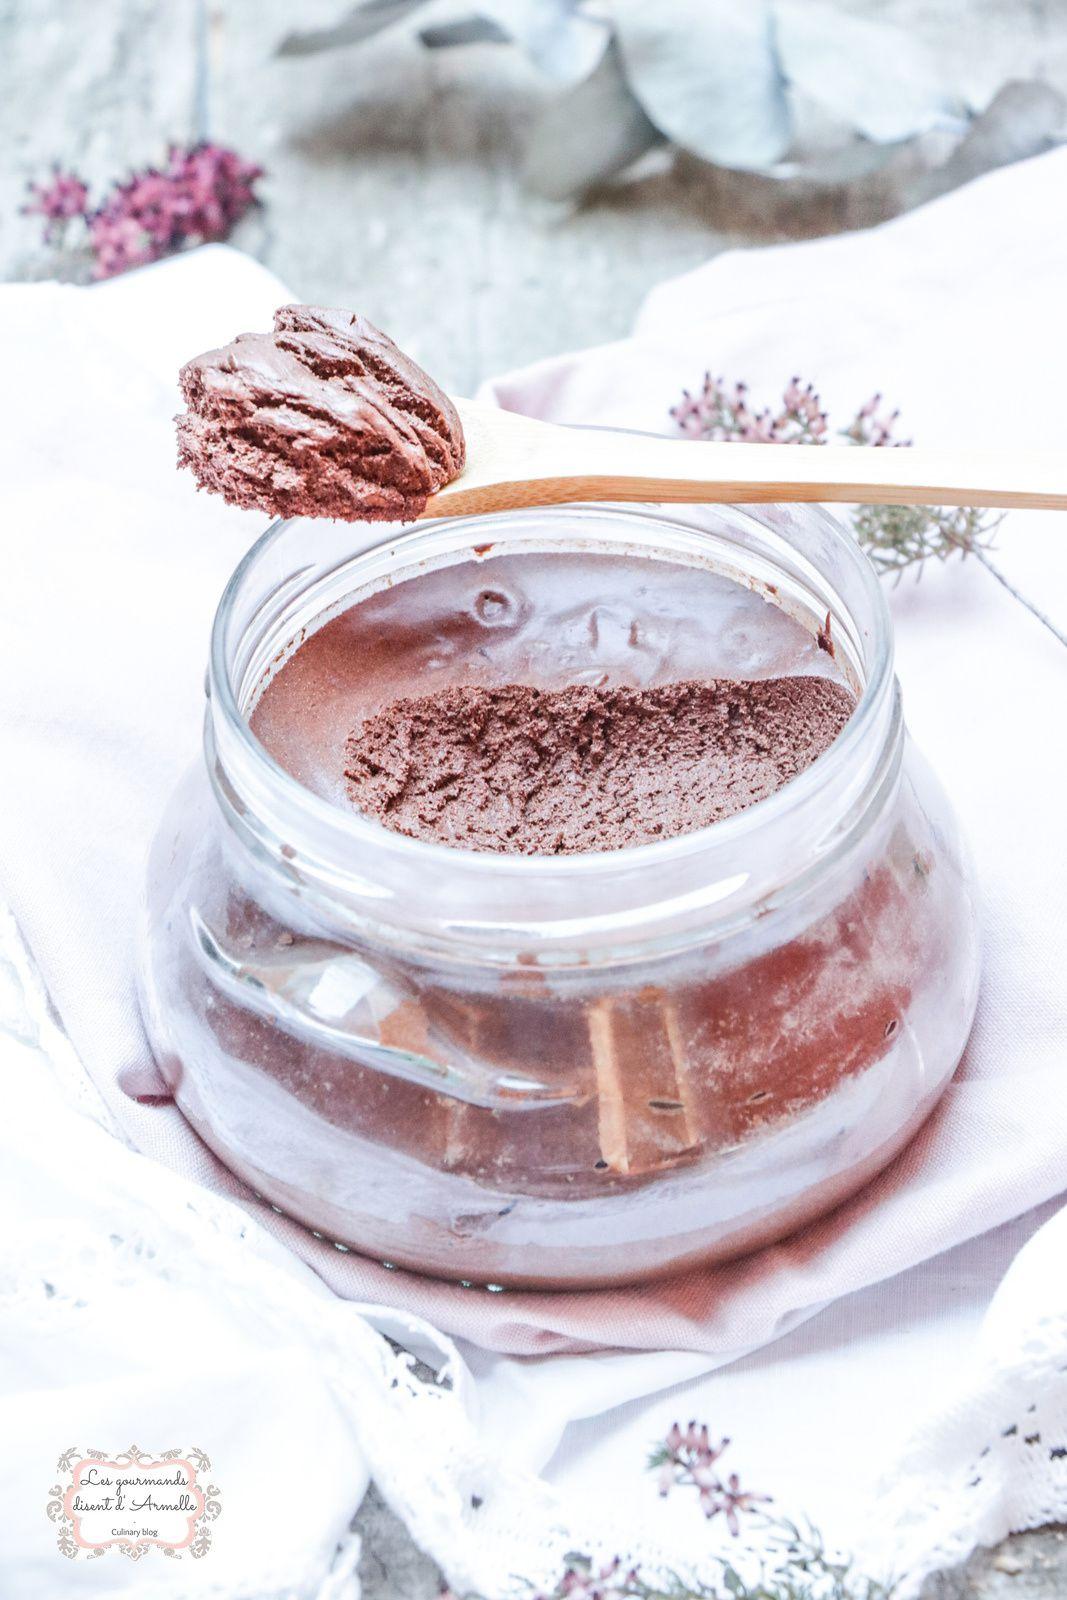 Mousse au chocolat légère (sans jaune d'oeuf et sans sucre) @ Les gourmands {disent} d'Armelle